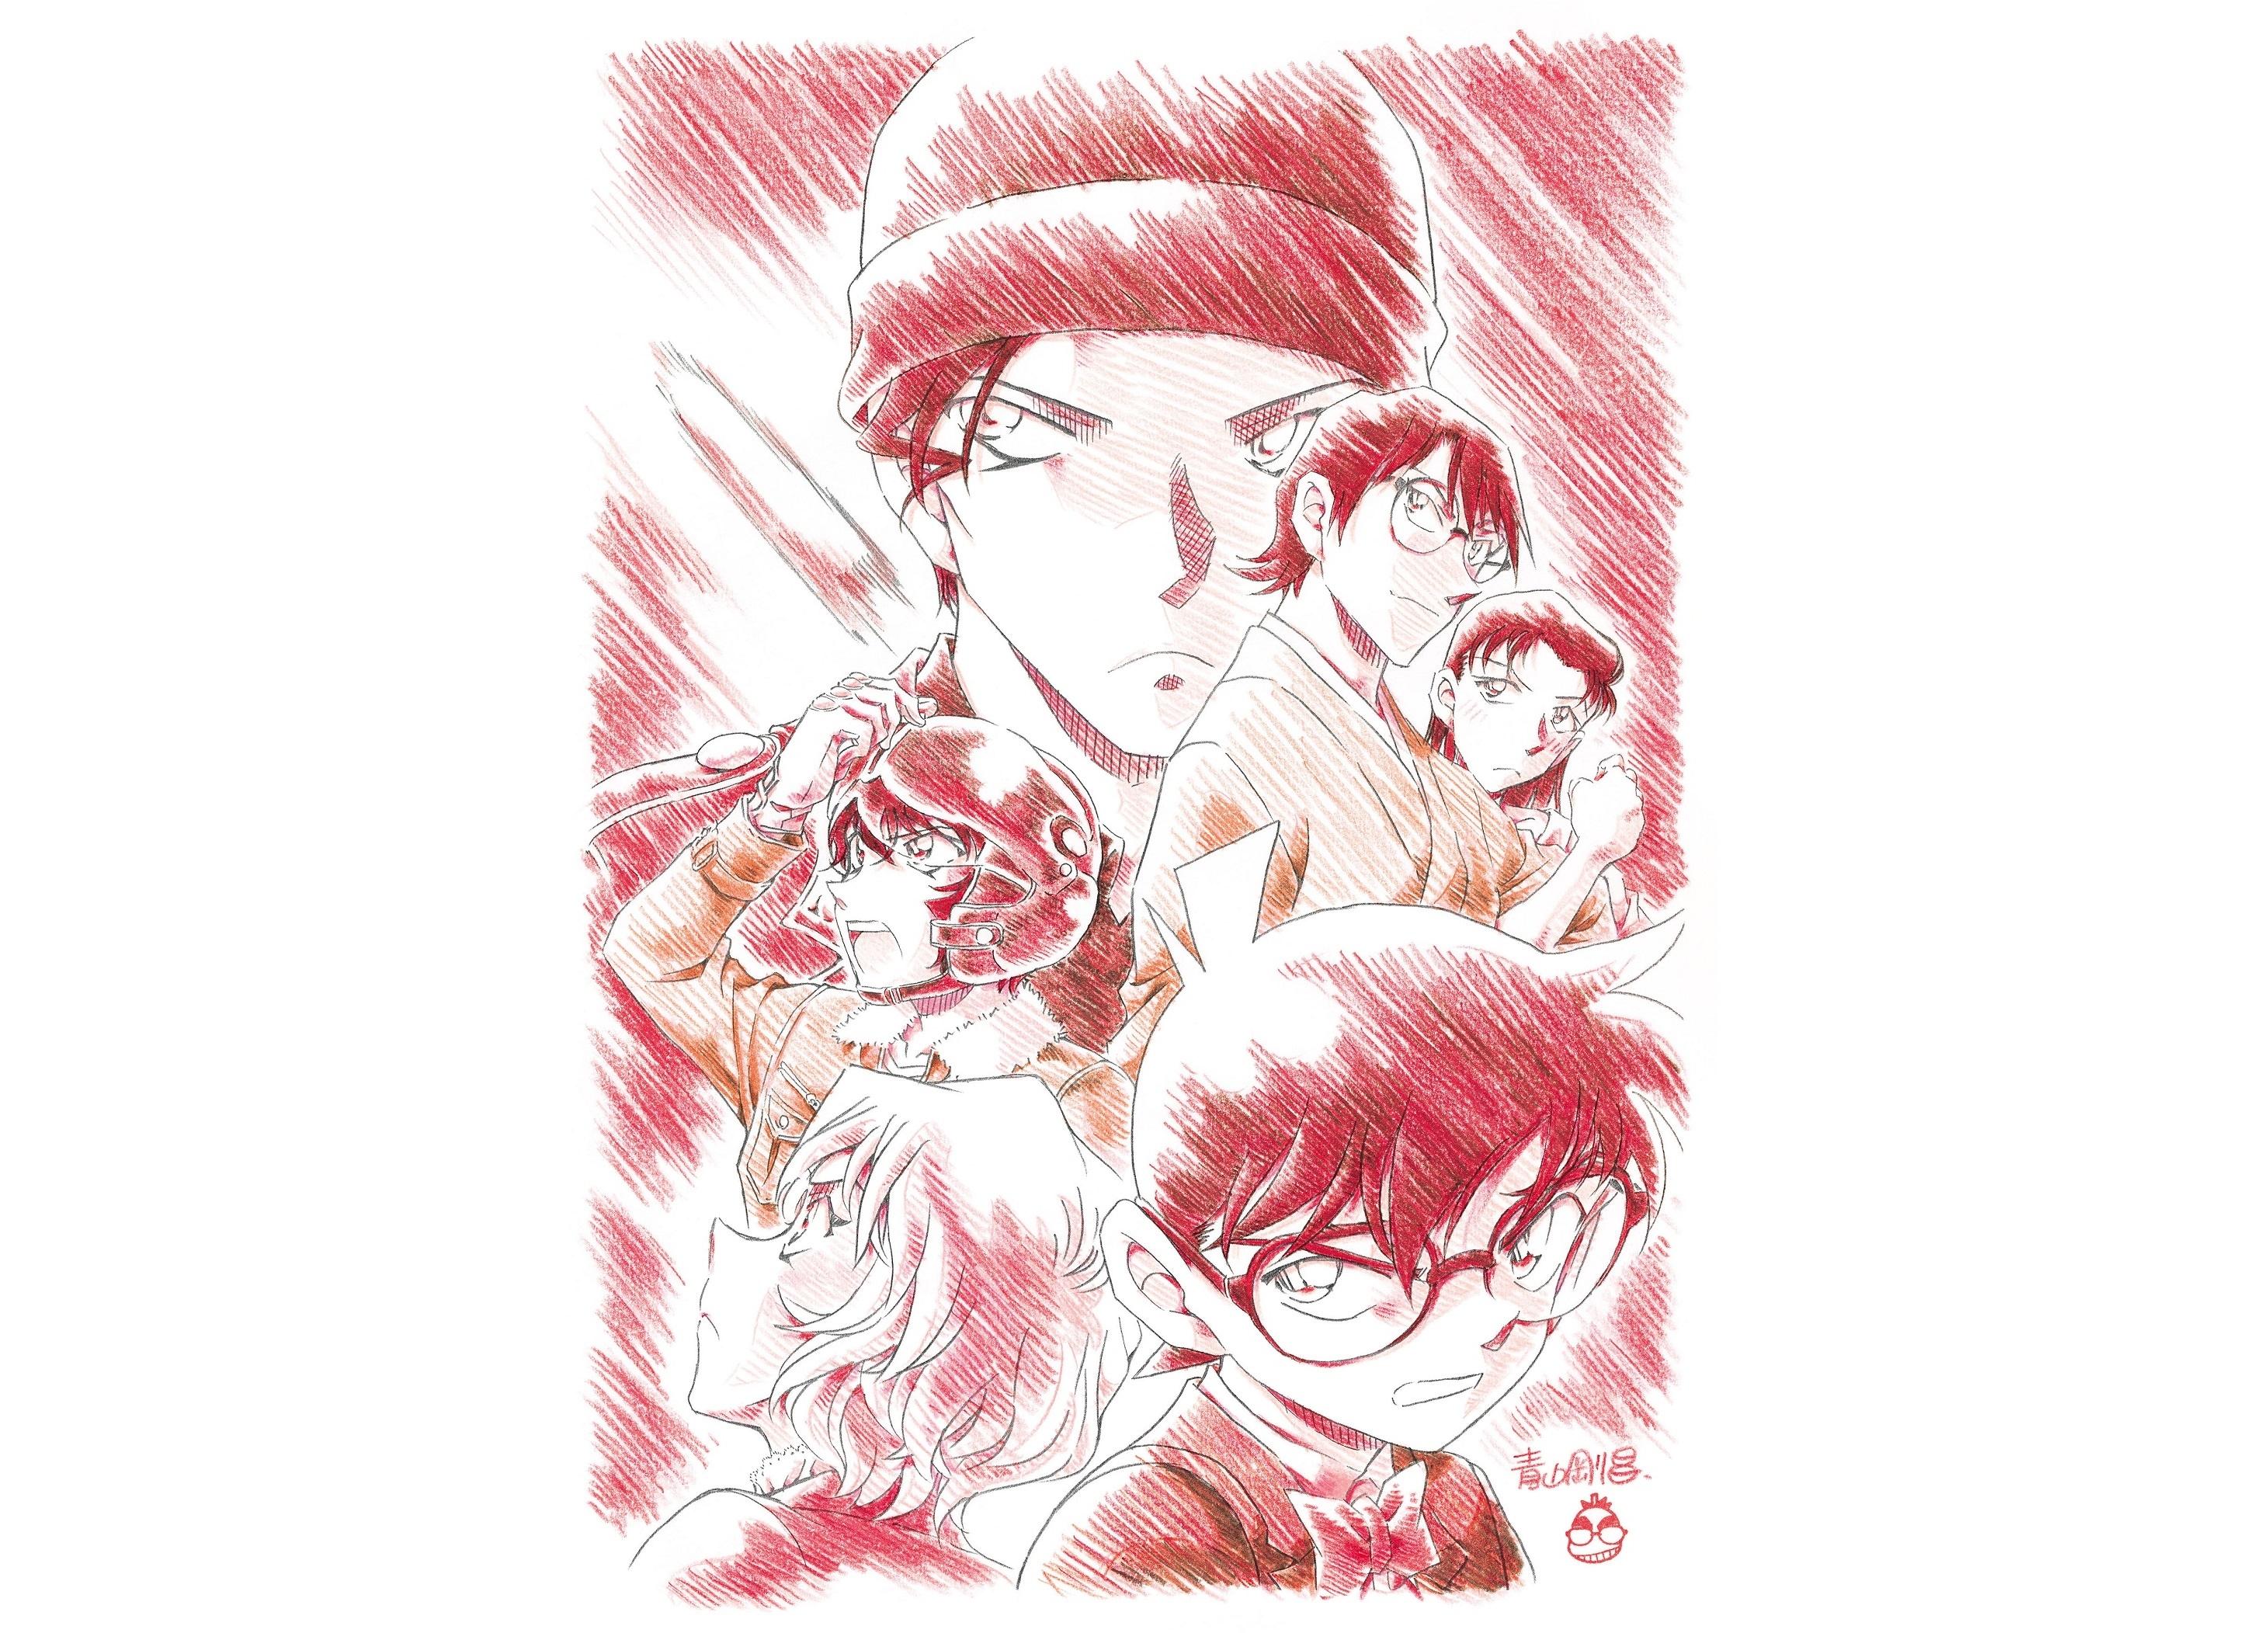 『名探偵コナン 緋色の弾丸』2020年4月17日(金)公開